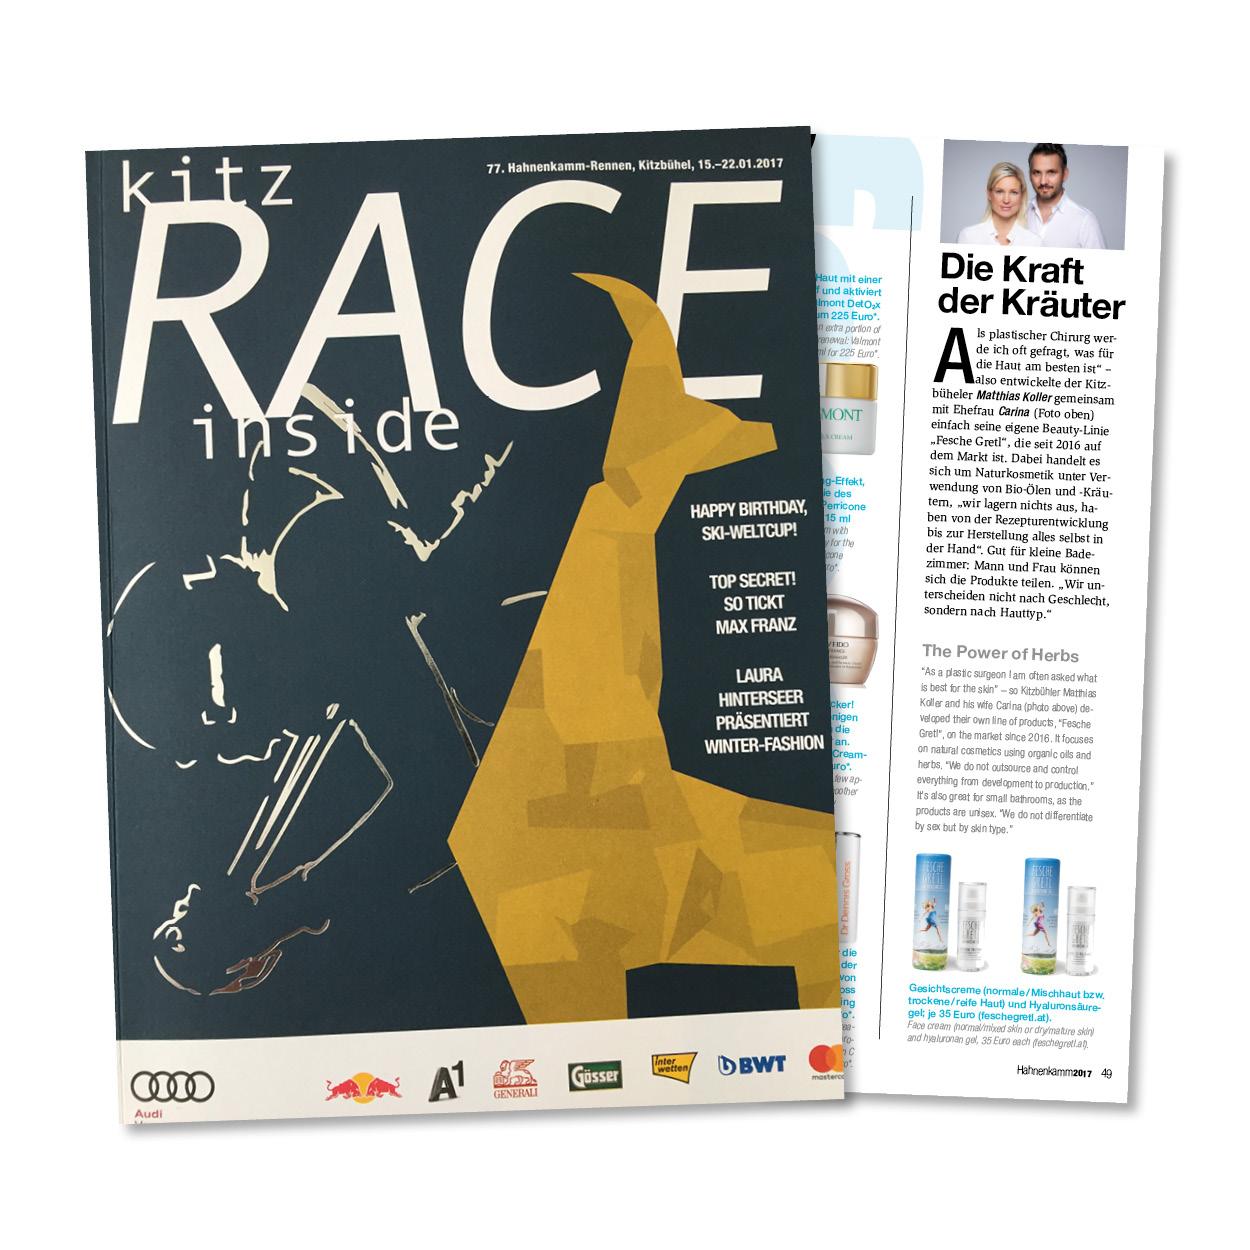 Die FESCHE GRETL in der Kitz RACE Ausgabe, Hahnenkamm Rennen Kitzbühel 2017